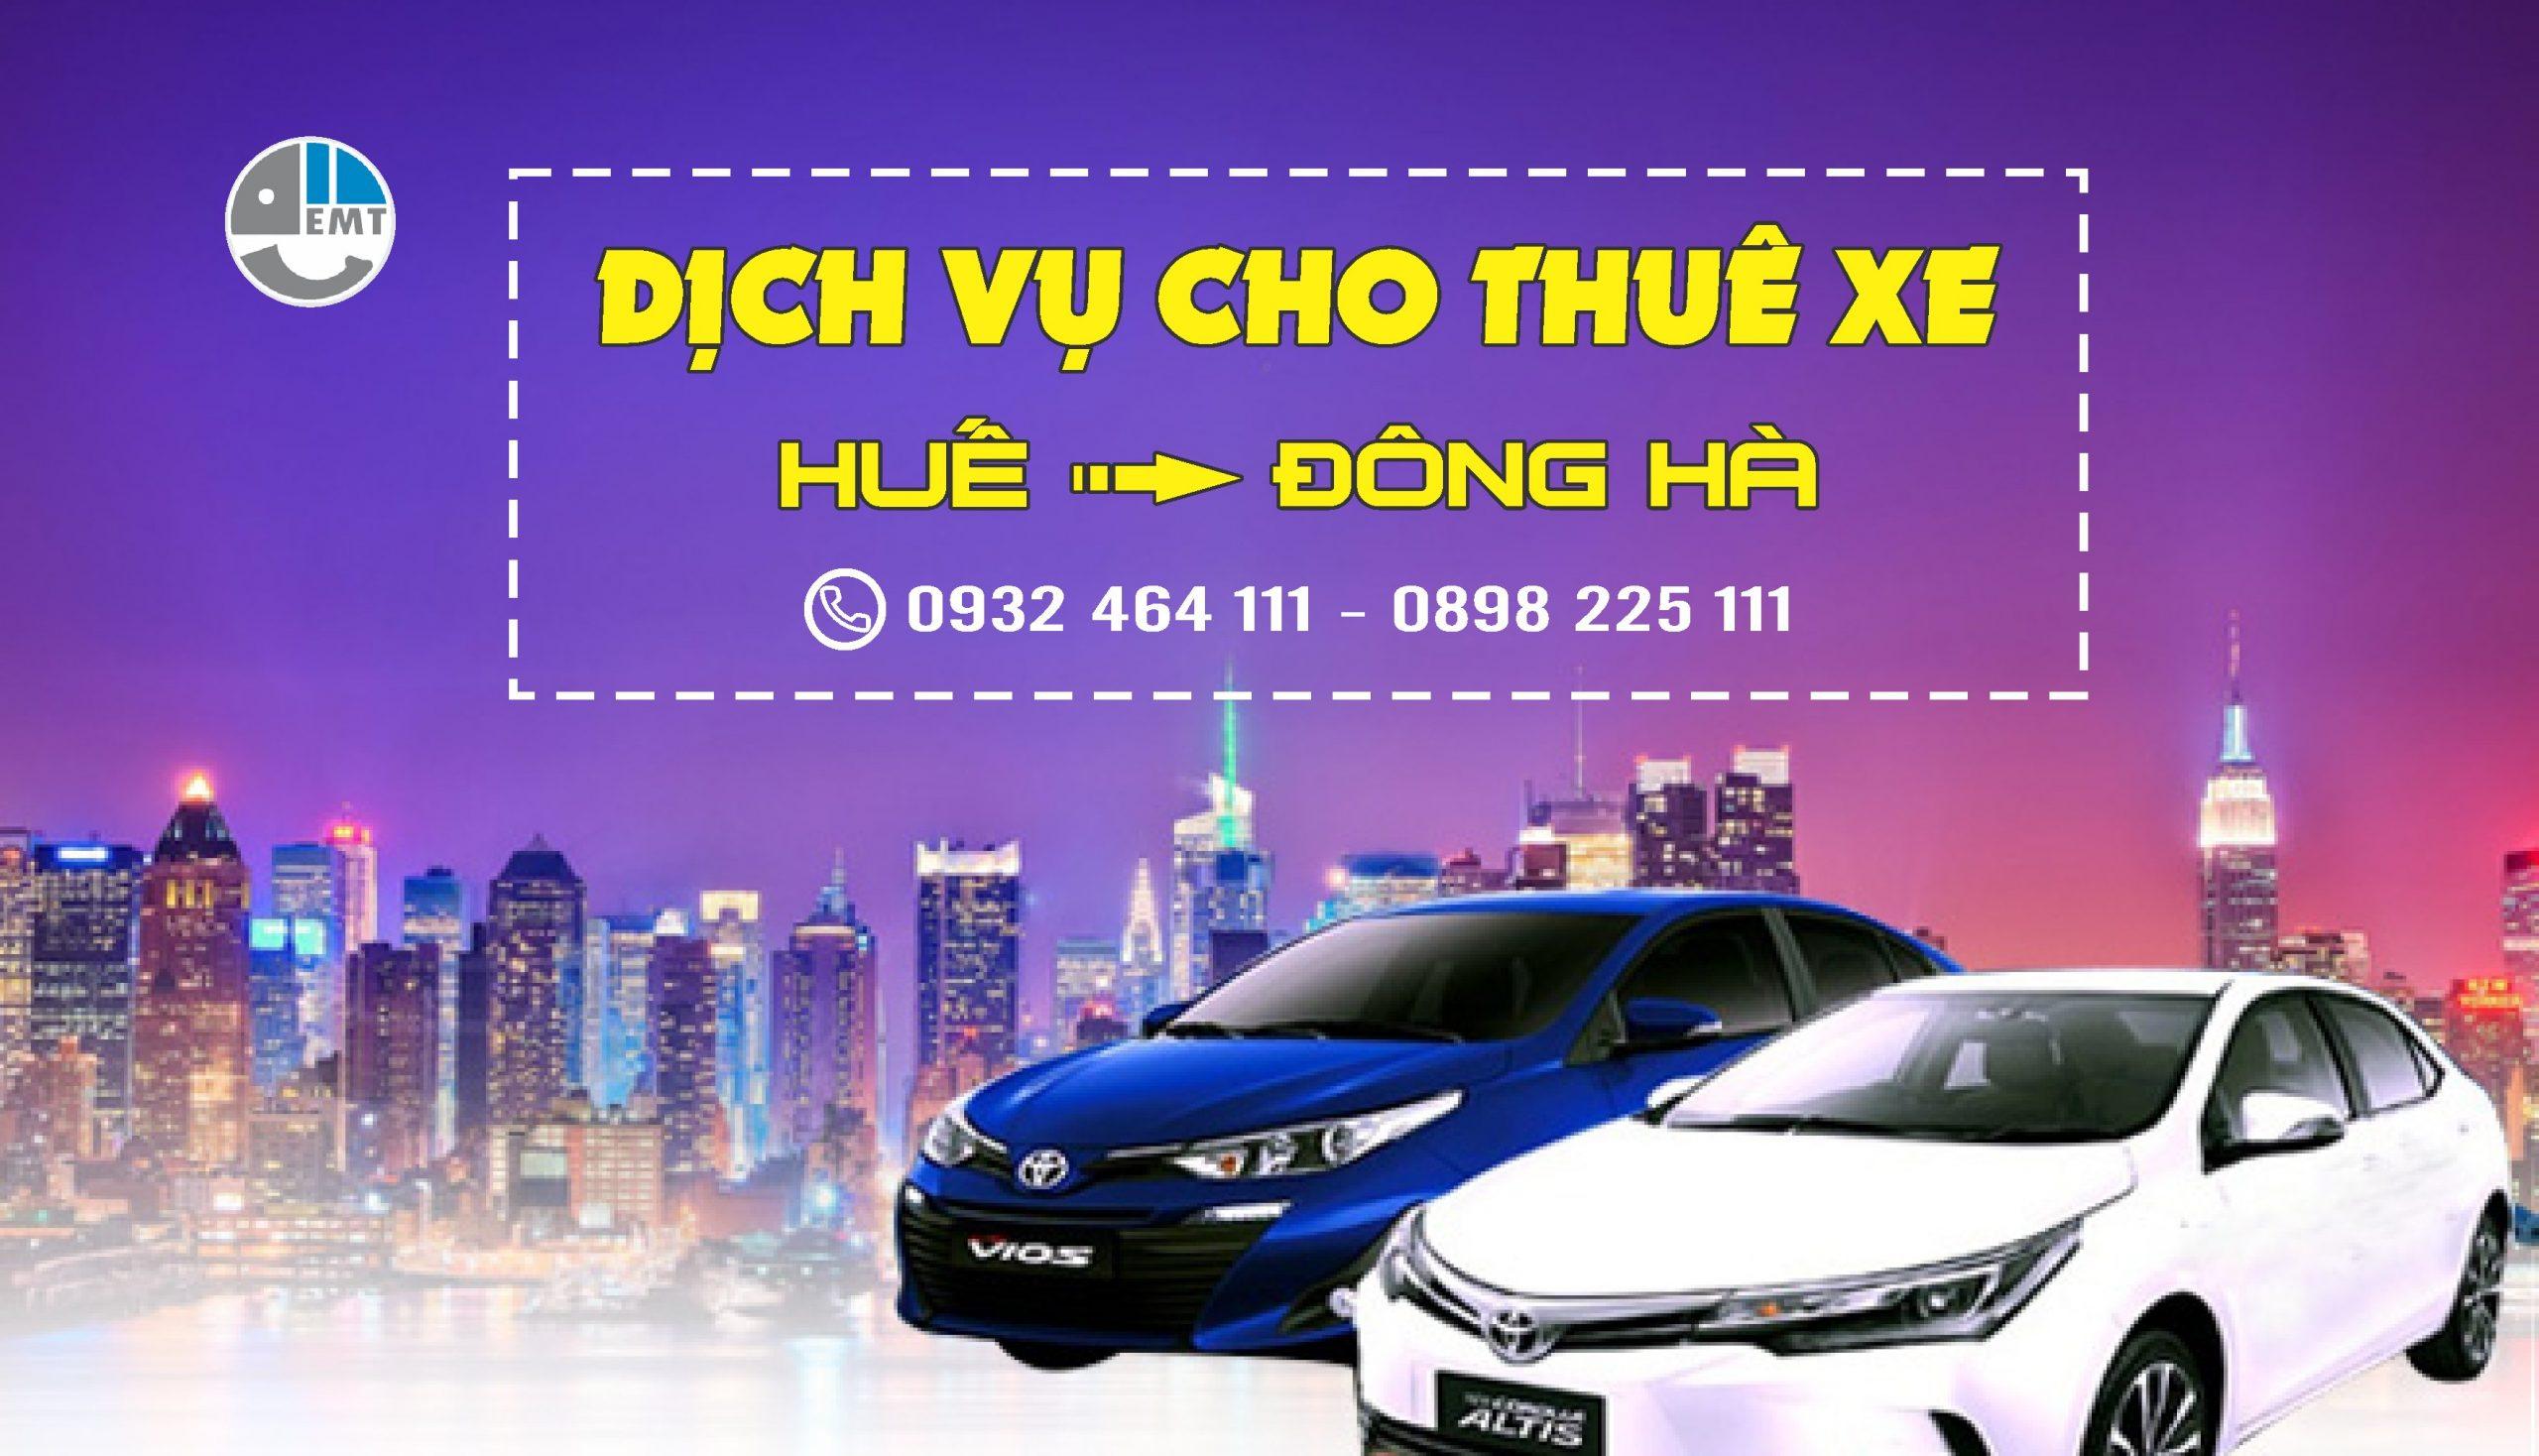 Dịch vụ thuê xe đón Huế đi Đông Hà – Quảng Trị